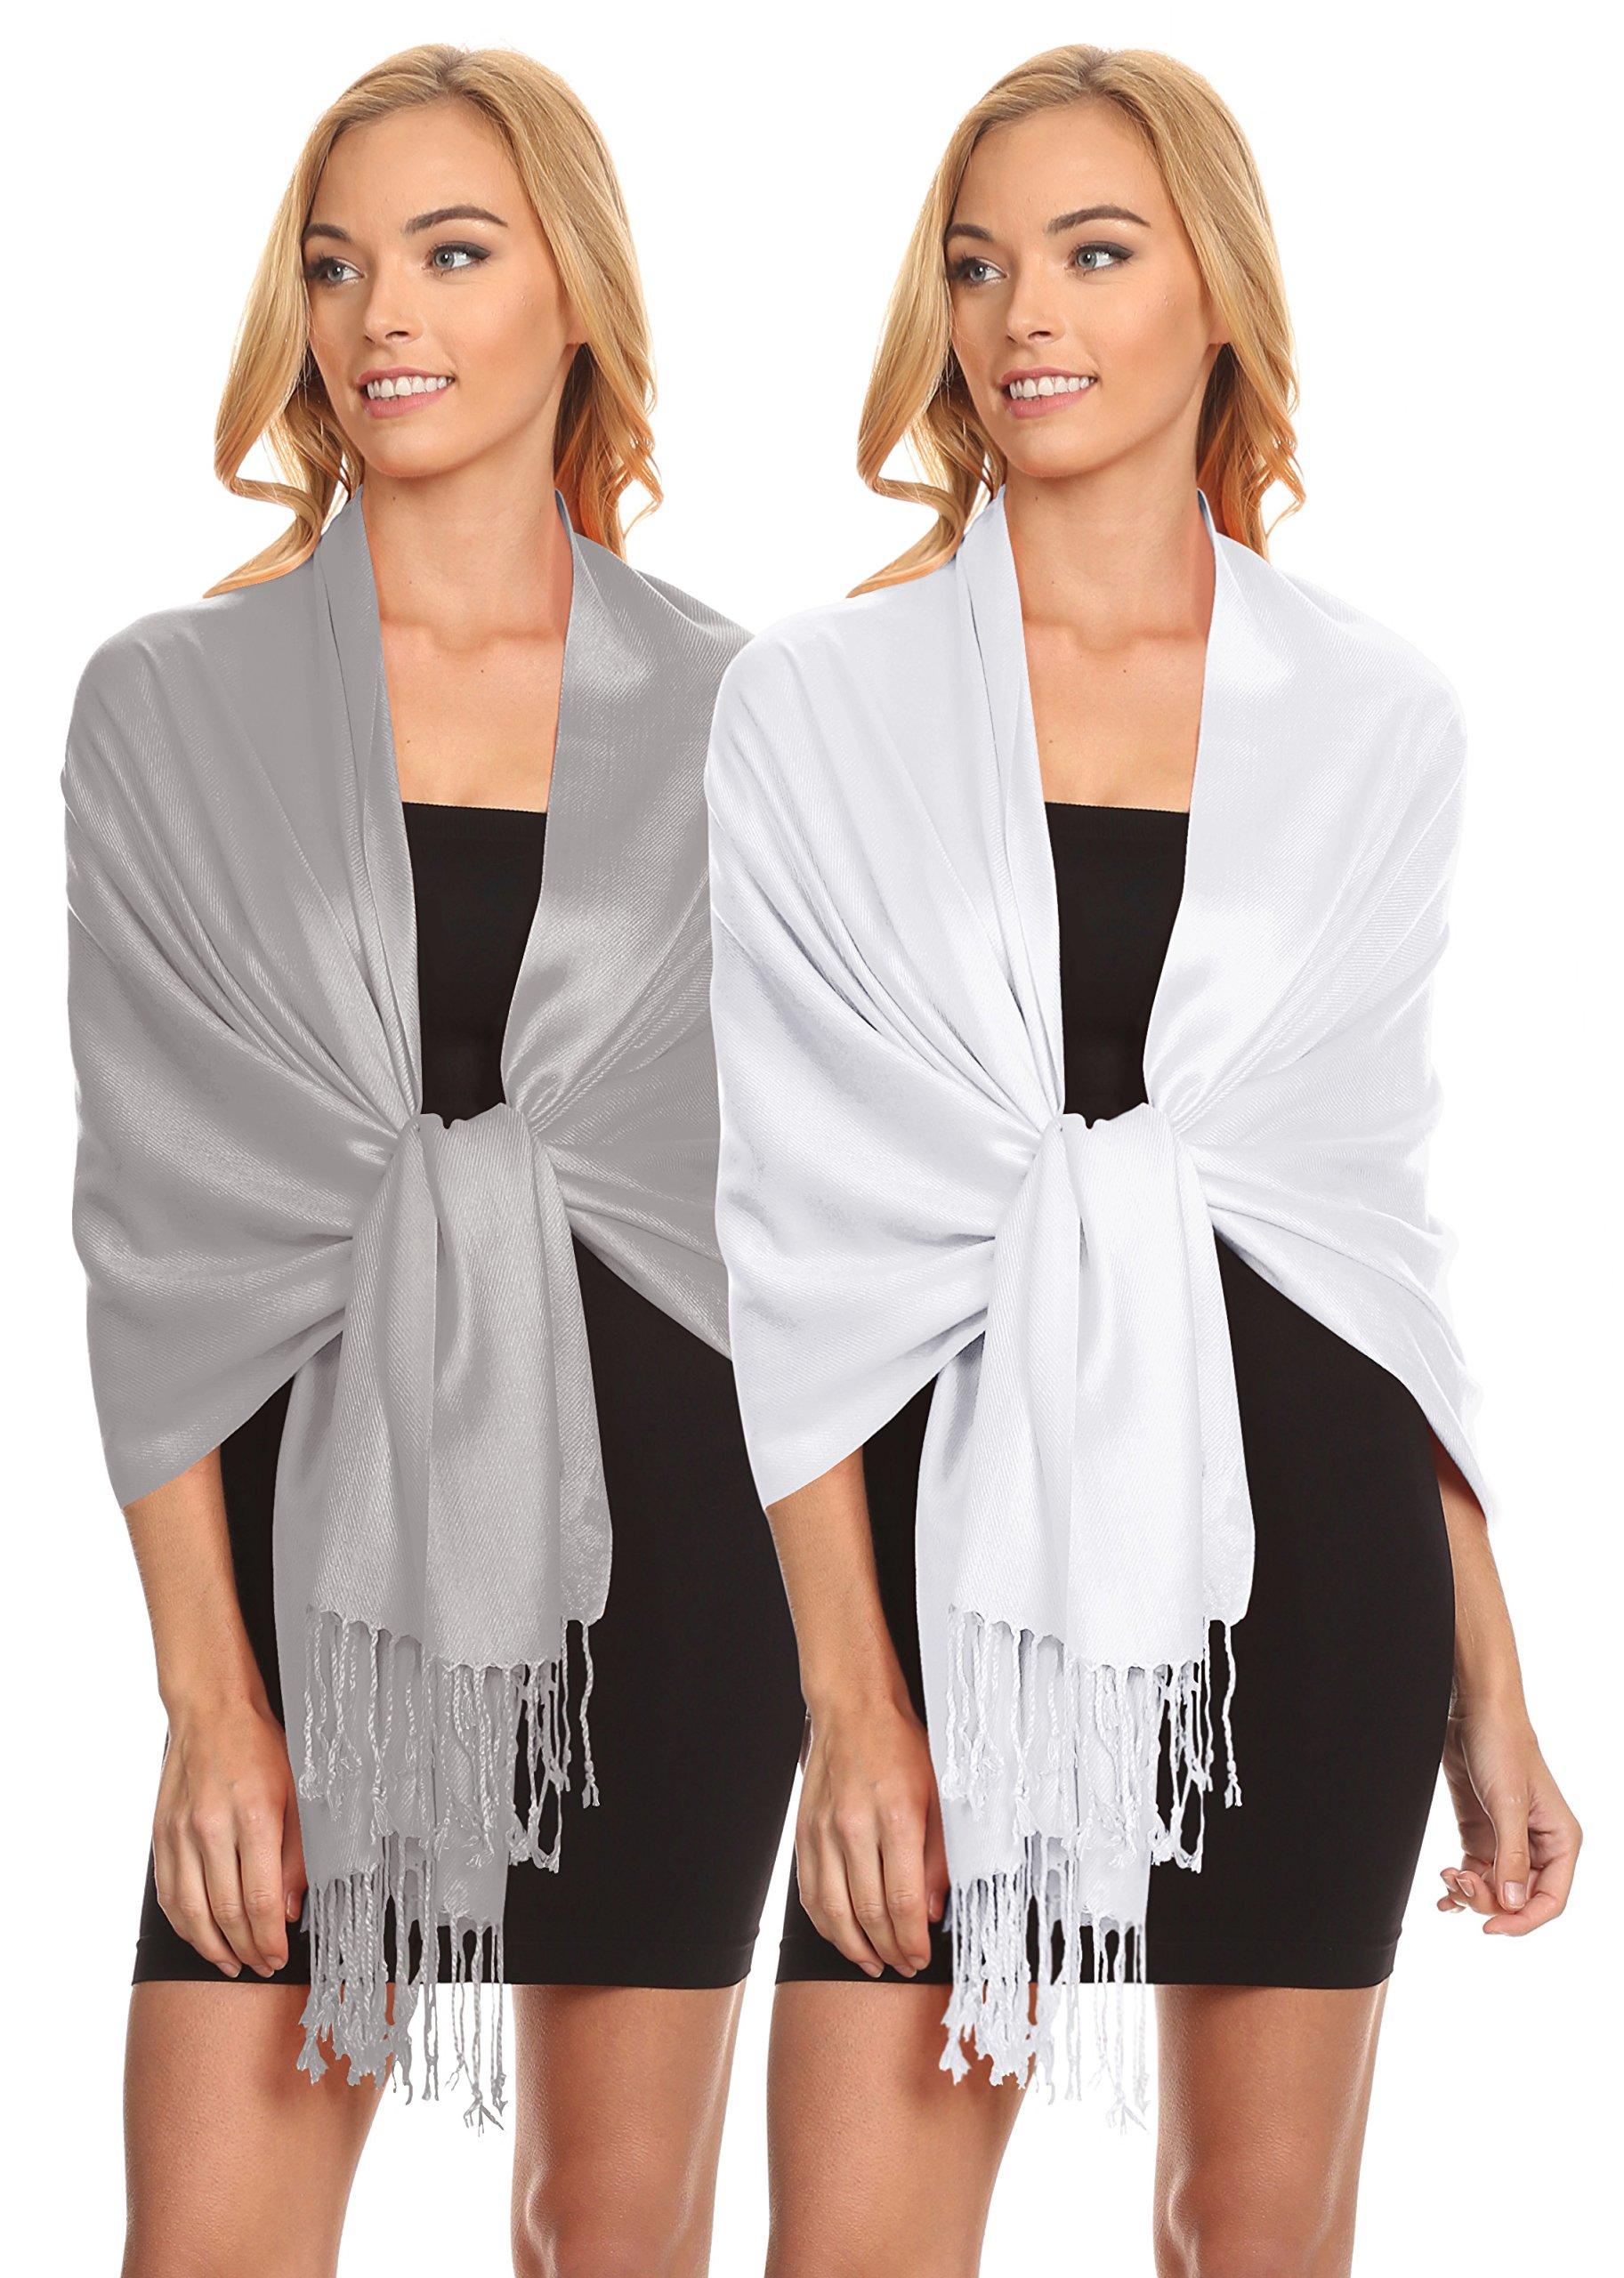 Simlu Womens Scarfs Silky Pashmina Shawl Wrap Scarves for Women Stole Shawls (Size One Size, 2 Pk Silver/White) by Simlu